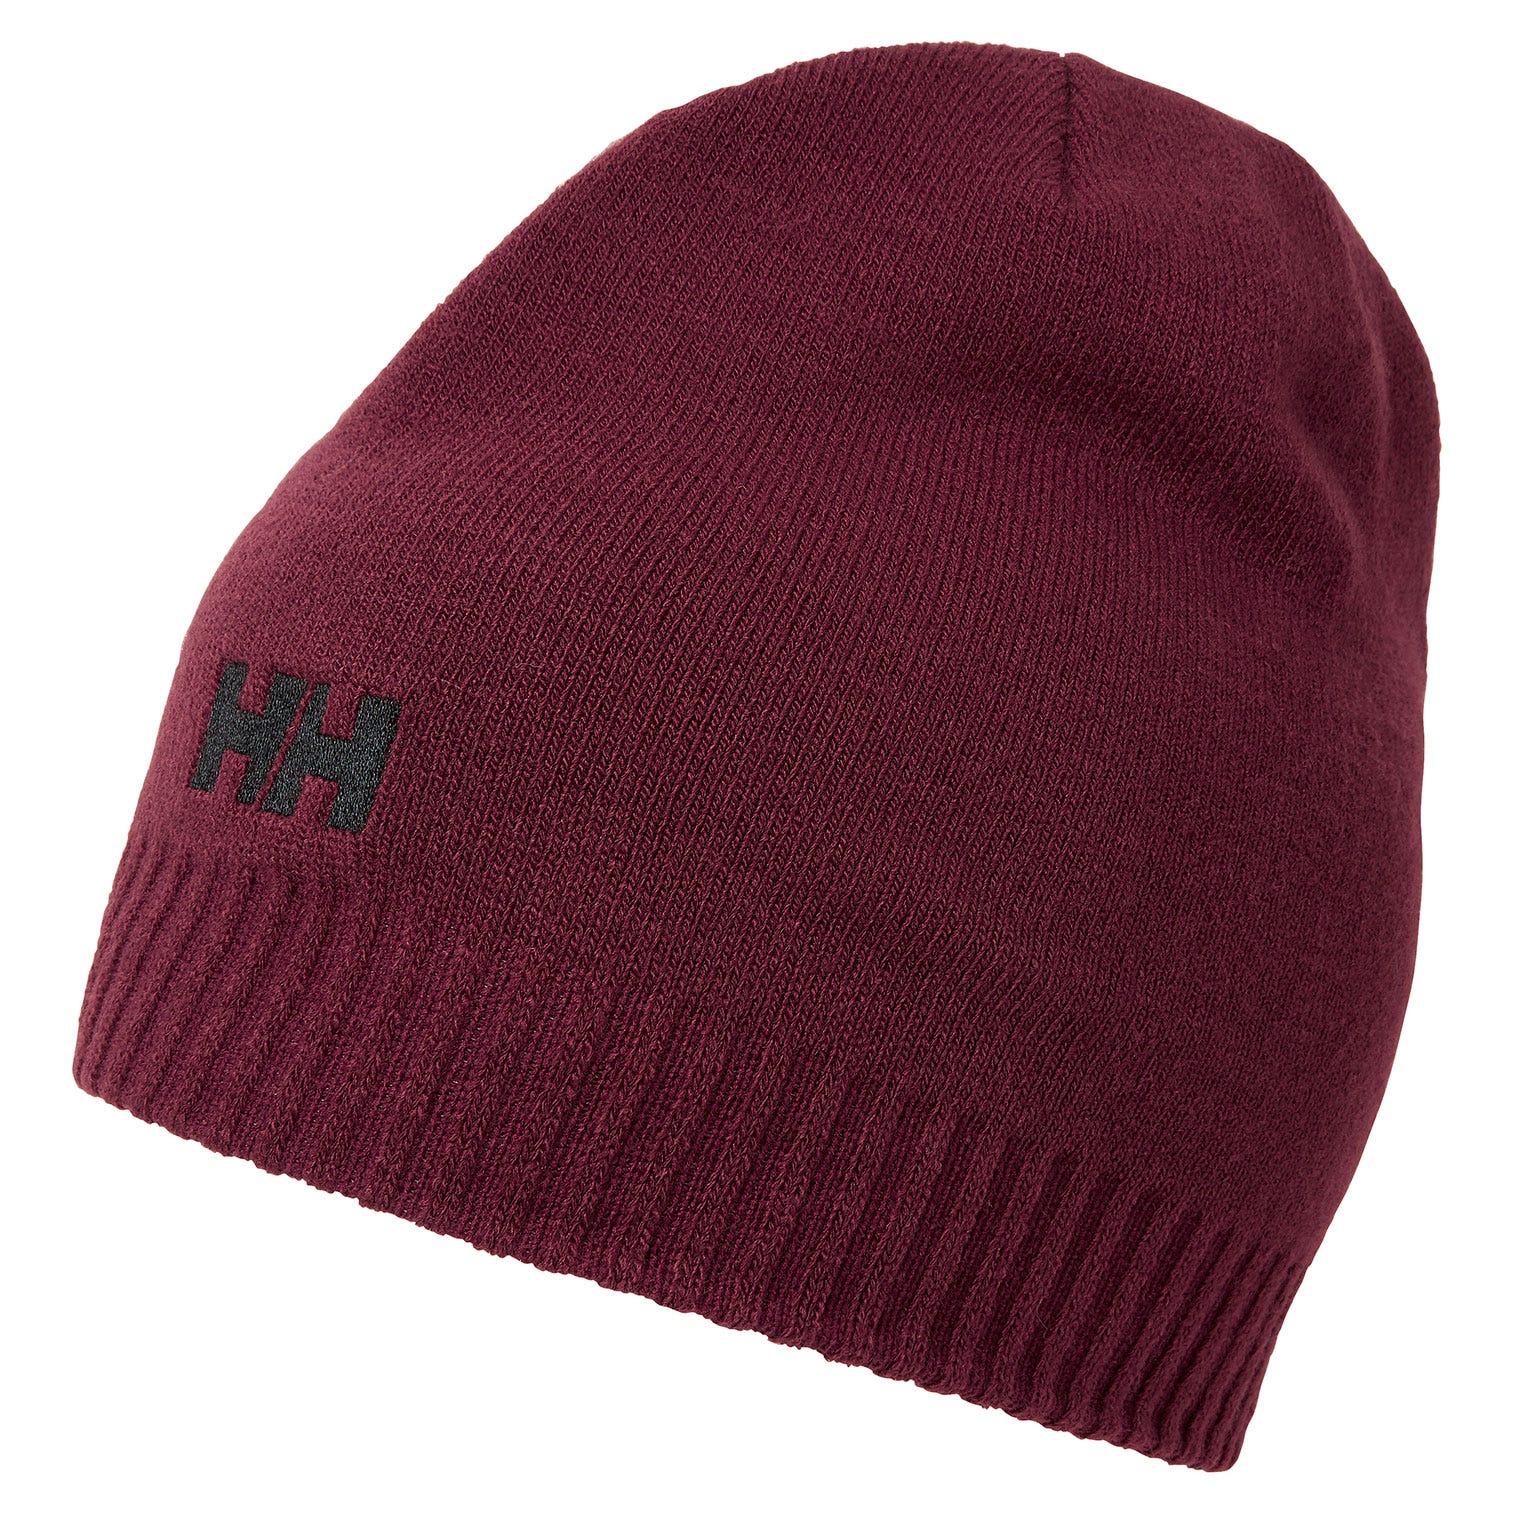 Helly Hansen Brand Beanie Purple STD